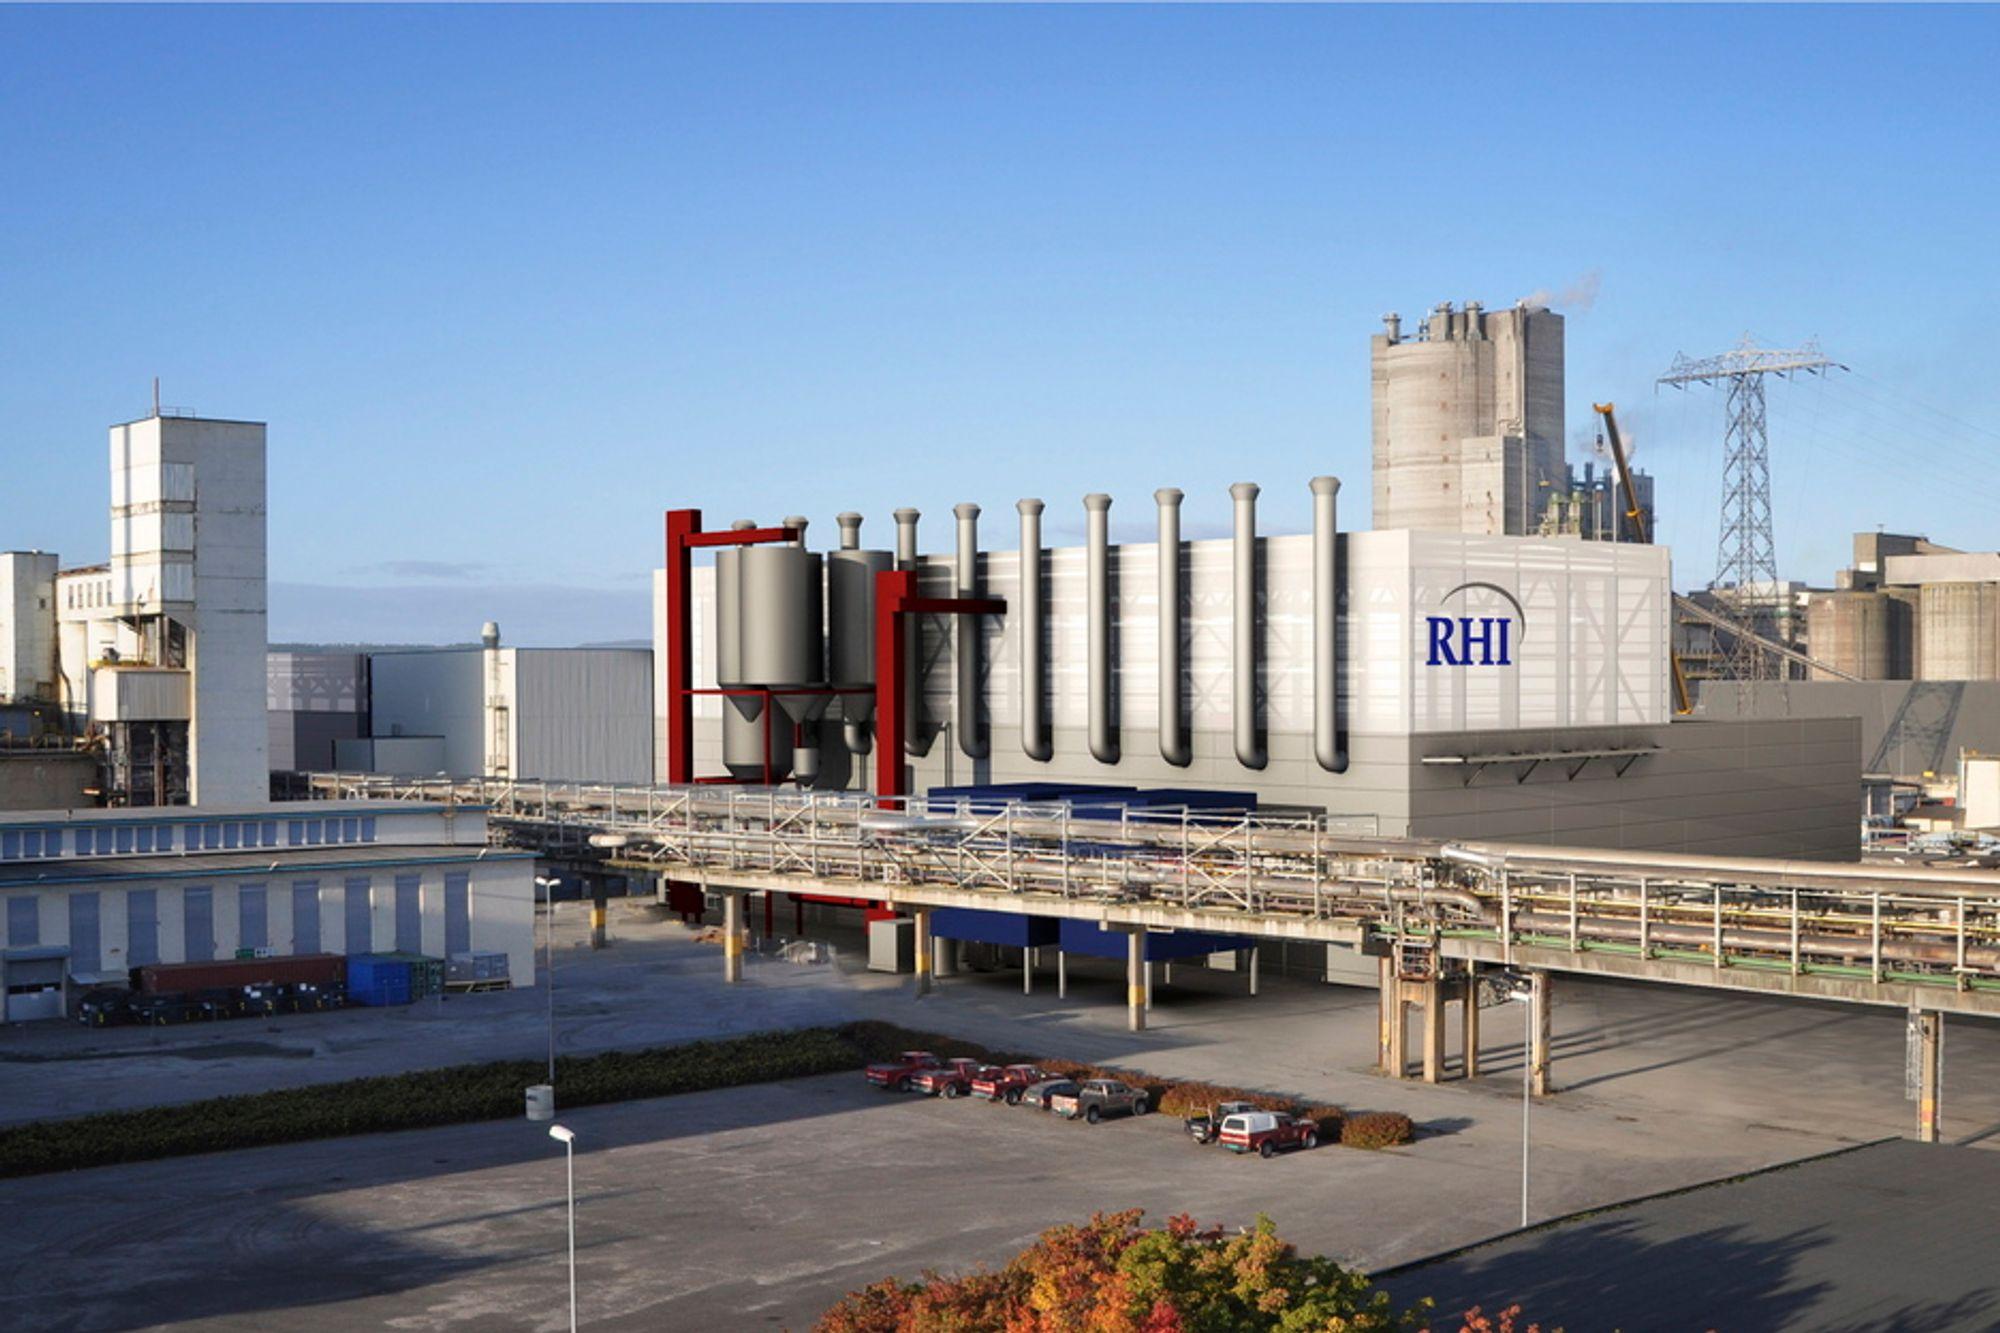 NYE ARBEIDSPLASSER: 130 personer får arbeid i den nye fabrikken til RHI.